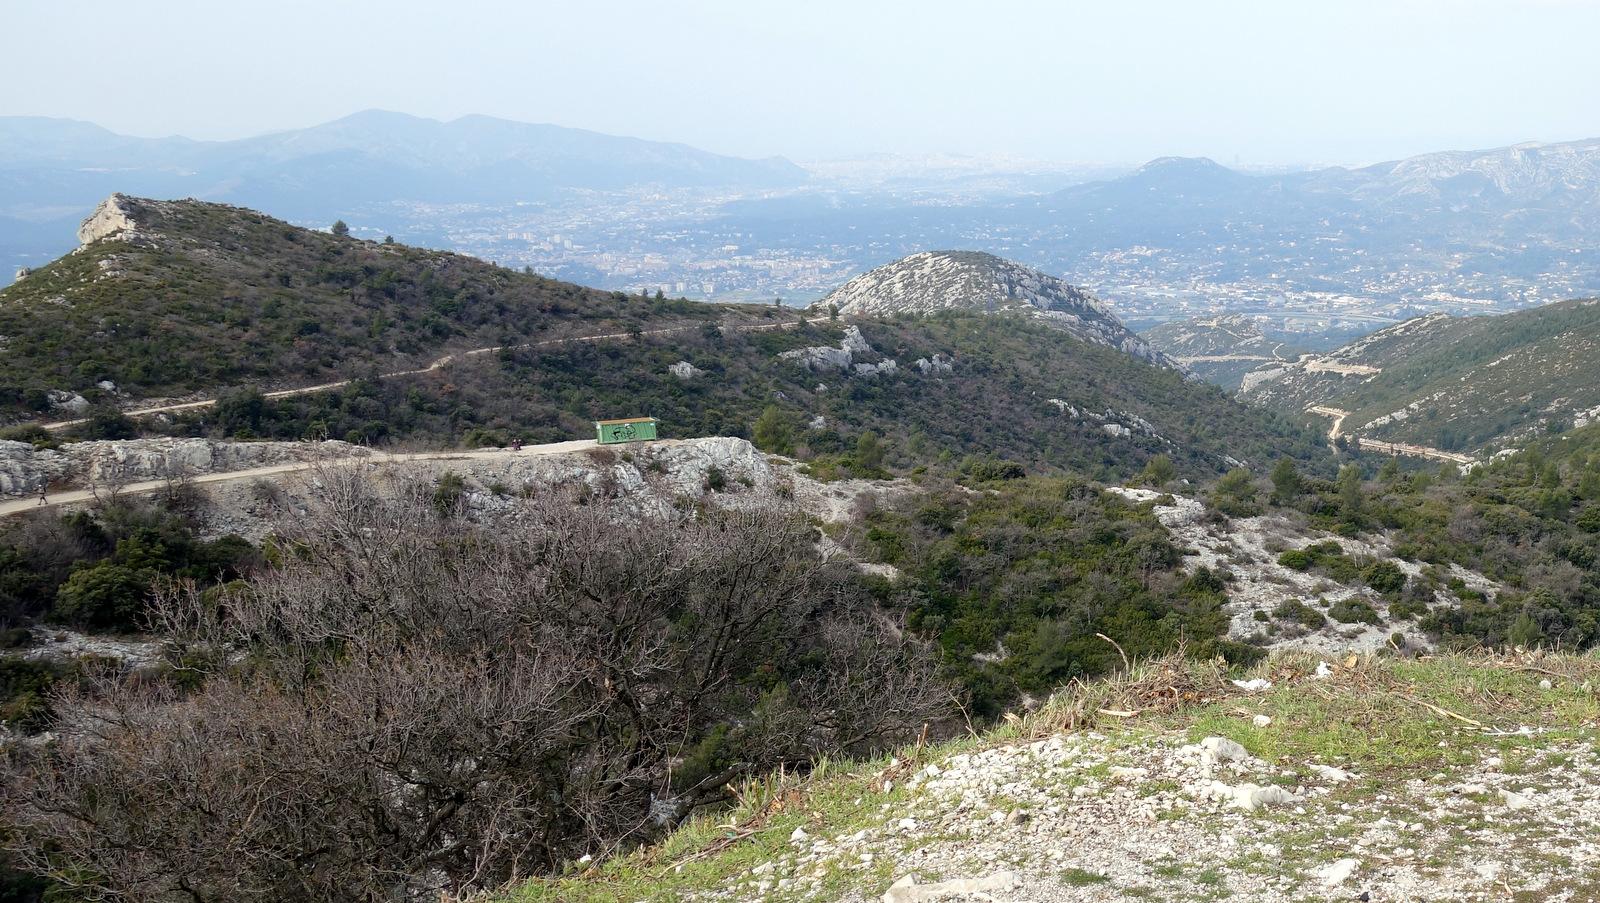 vue du col de l'Espigoulier vers ... Marseille !